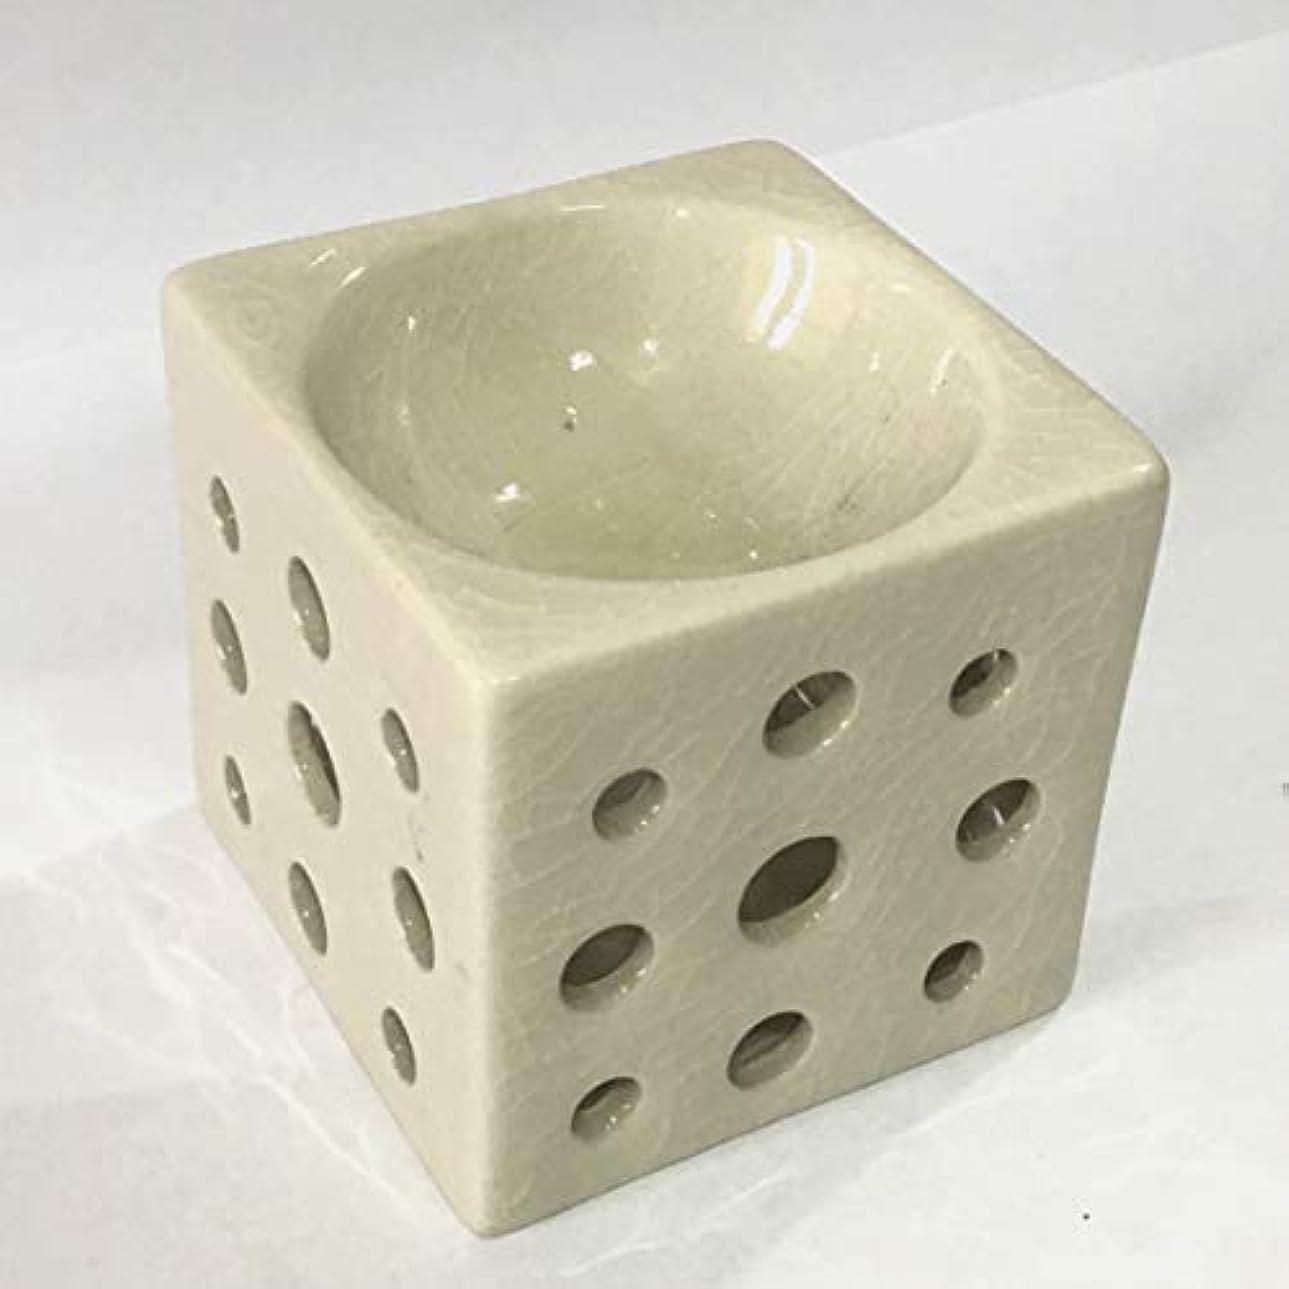 マルクス主義者内なるケージアロマポット (白) 角型 チェンマイ産 香炉 陶器 アロマ炉 タイ